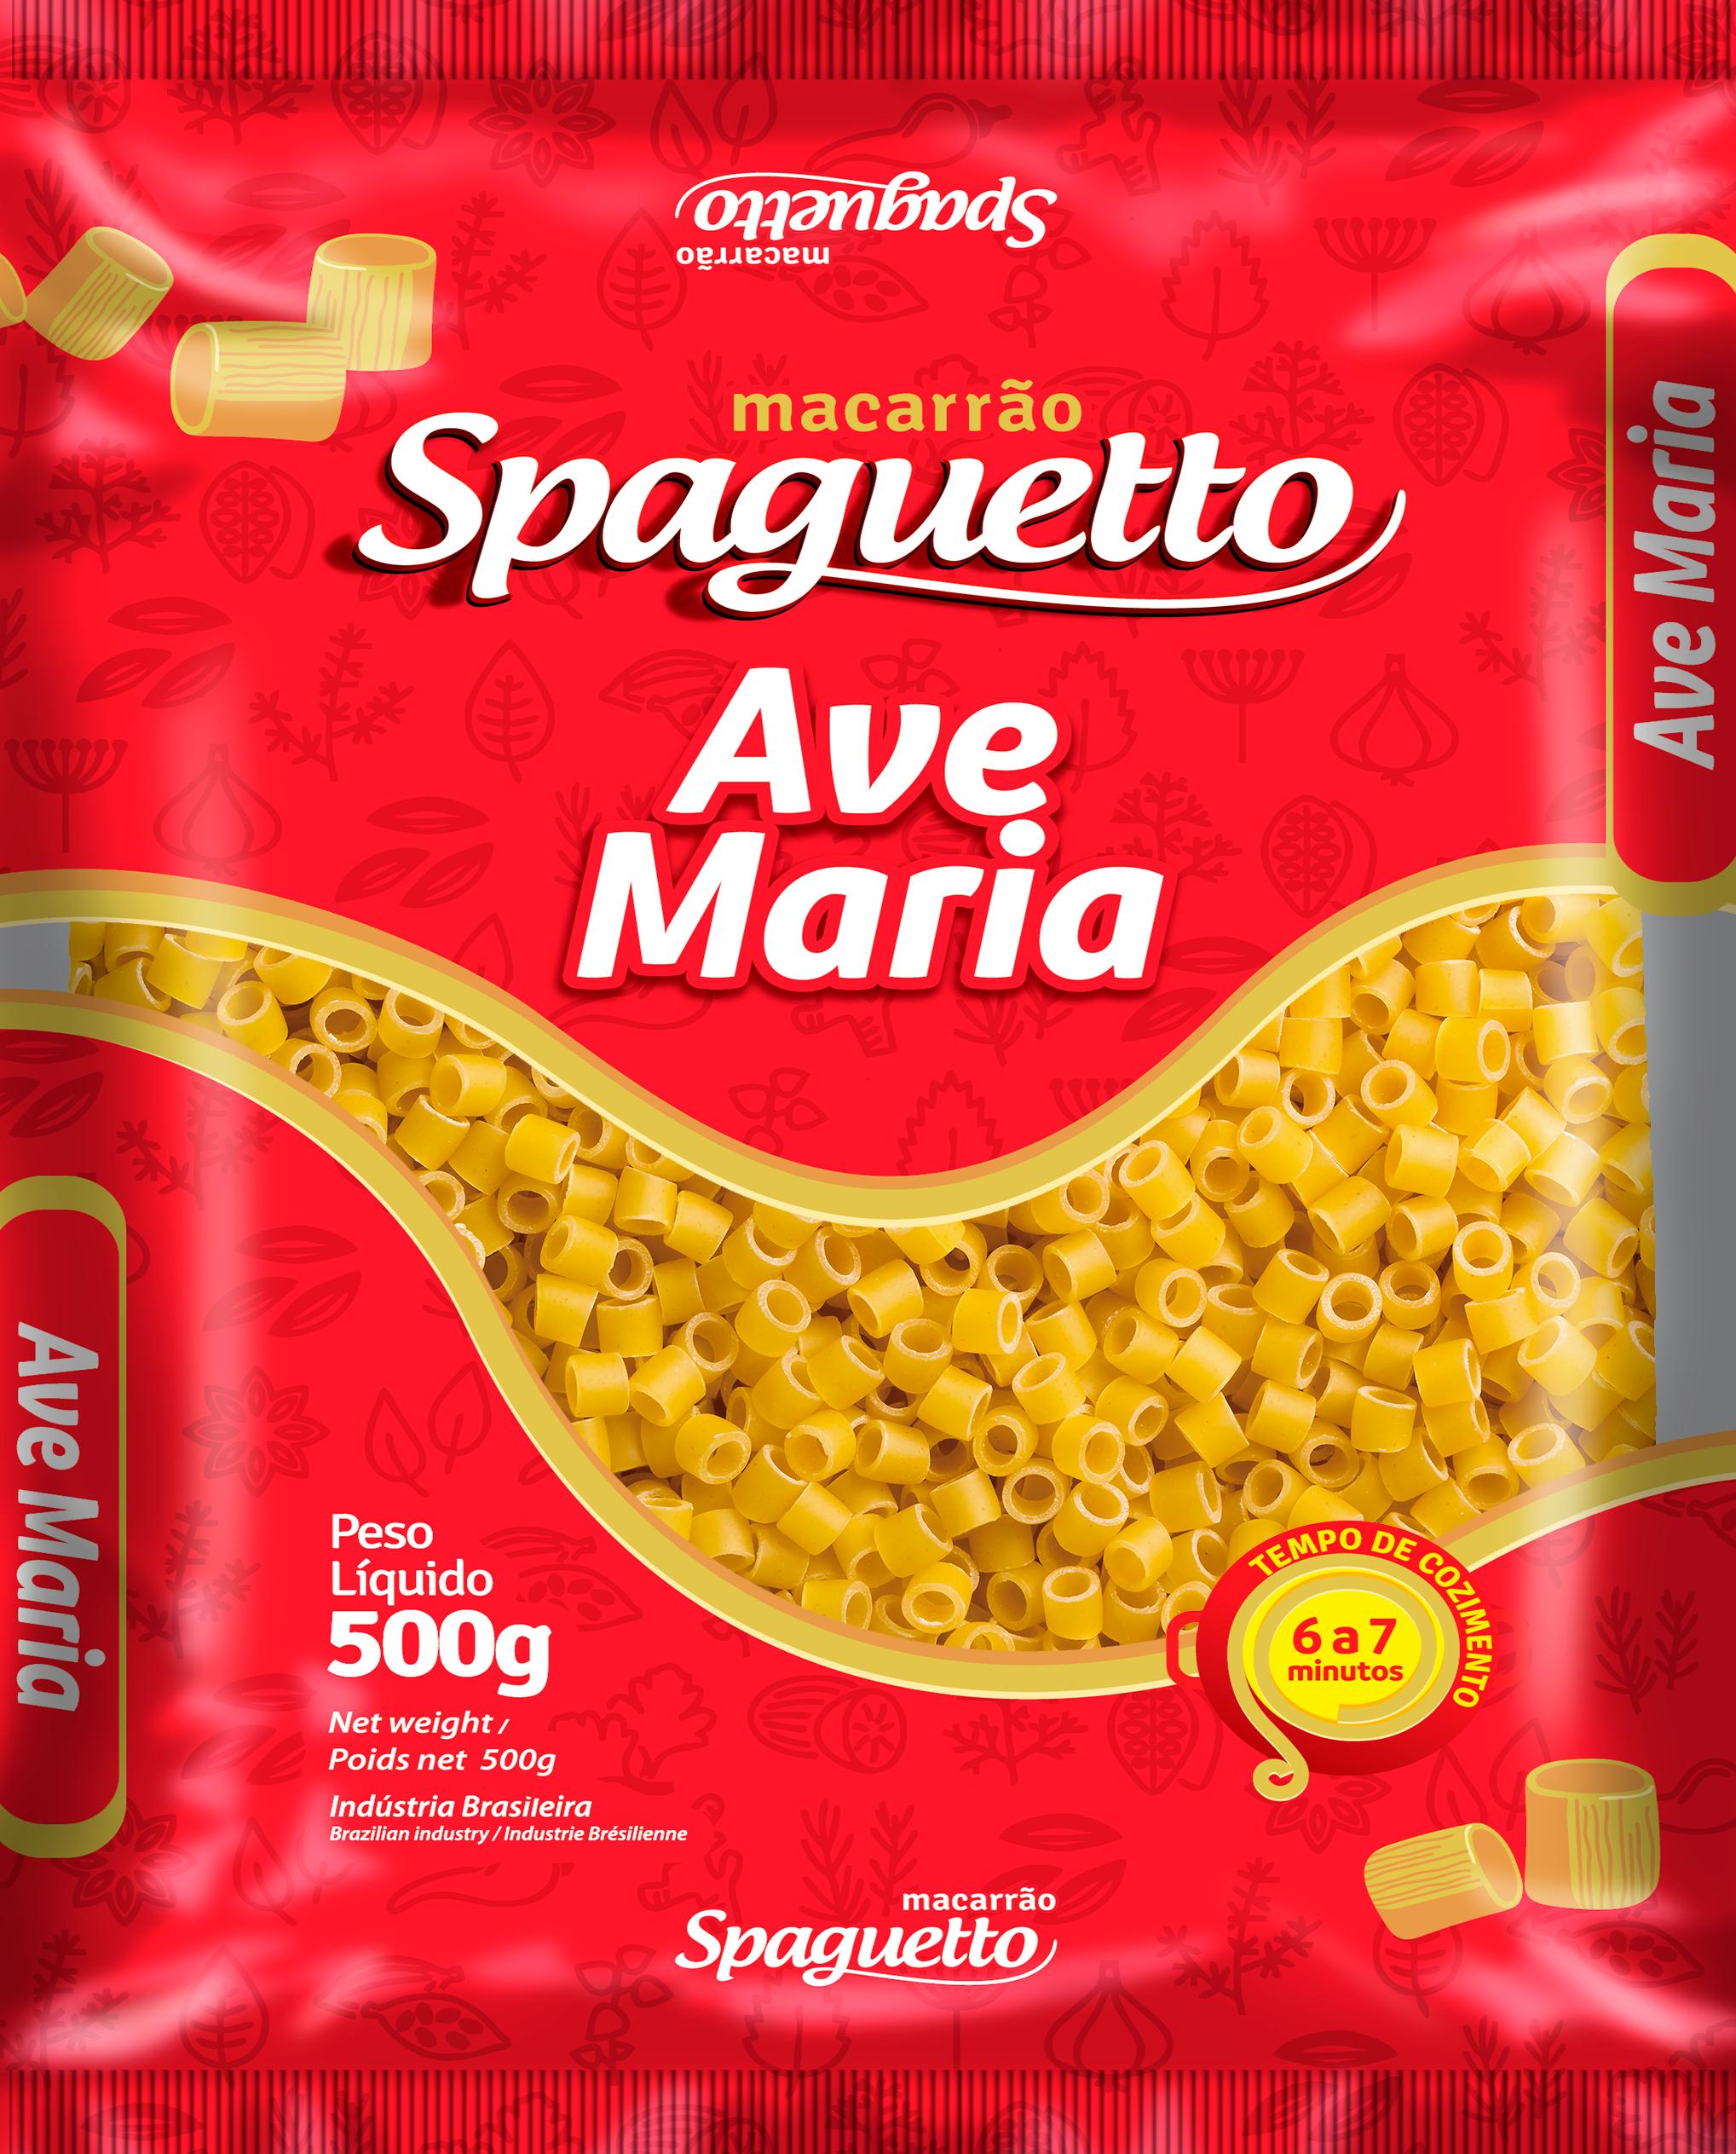 Macarrão Spaguetto Ave Maria